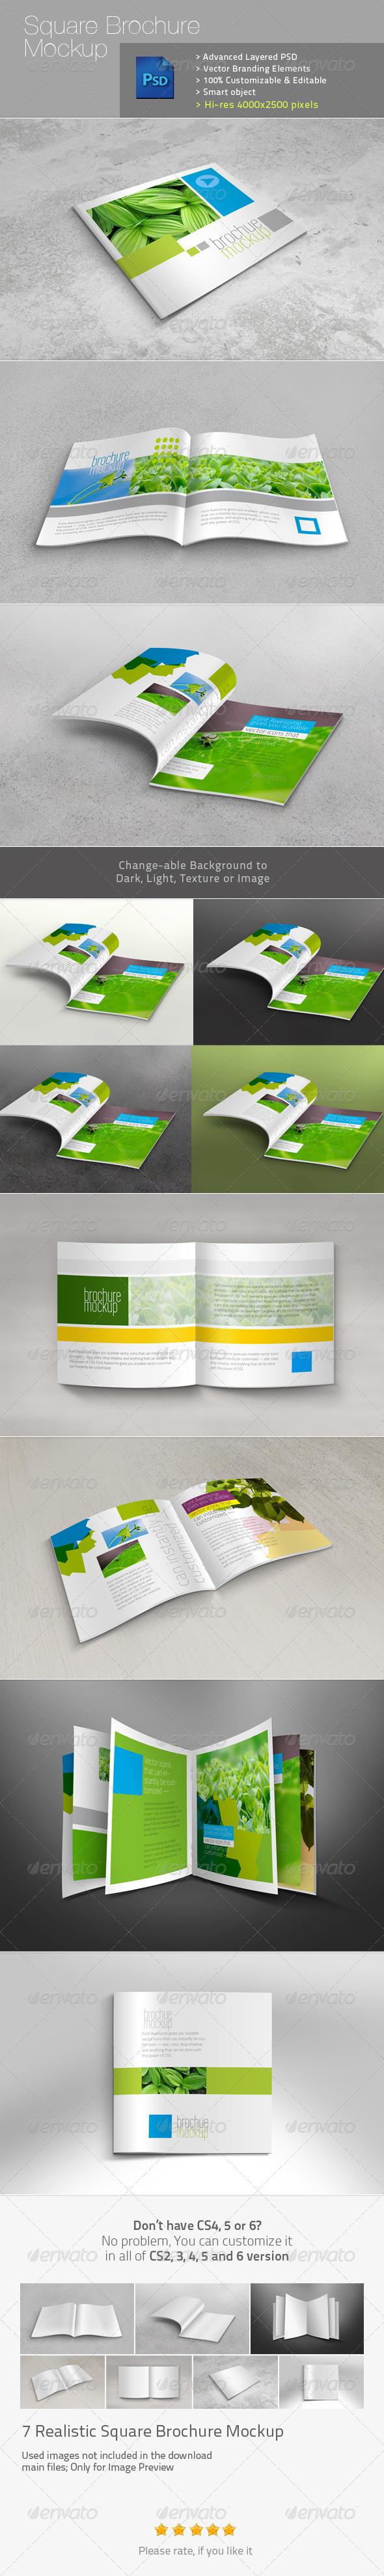 GraphicRiver Square Brochure Realistic Mockup v1 5067718